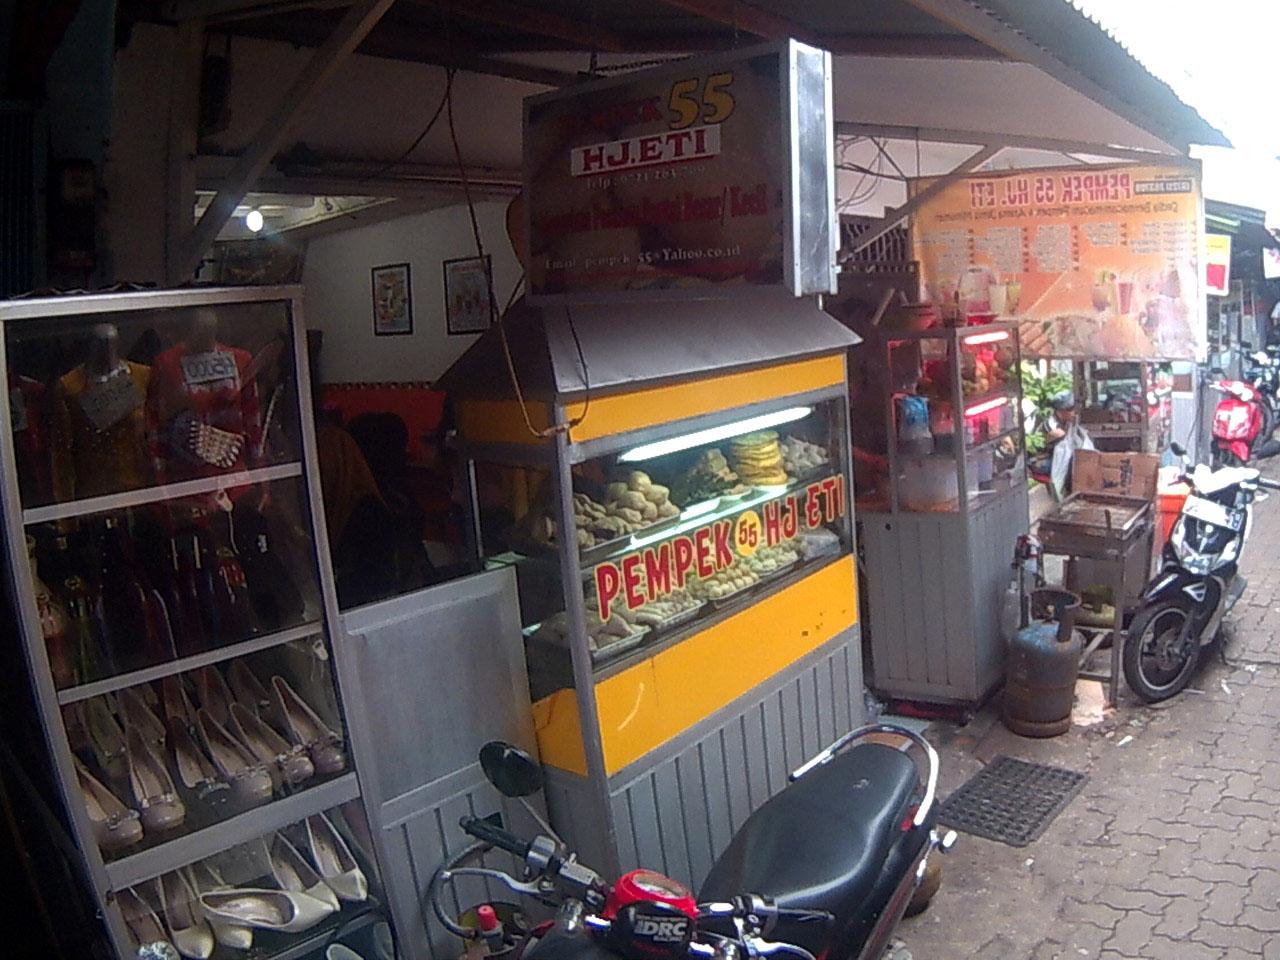 Pempek 55 Hj Eti Lorong King, Kota Bandar Lampung.